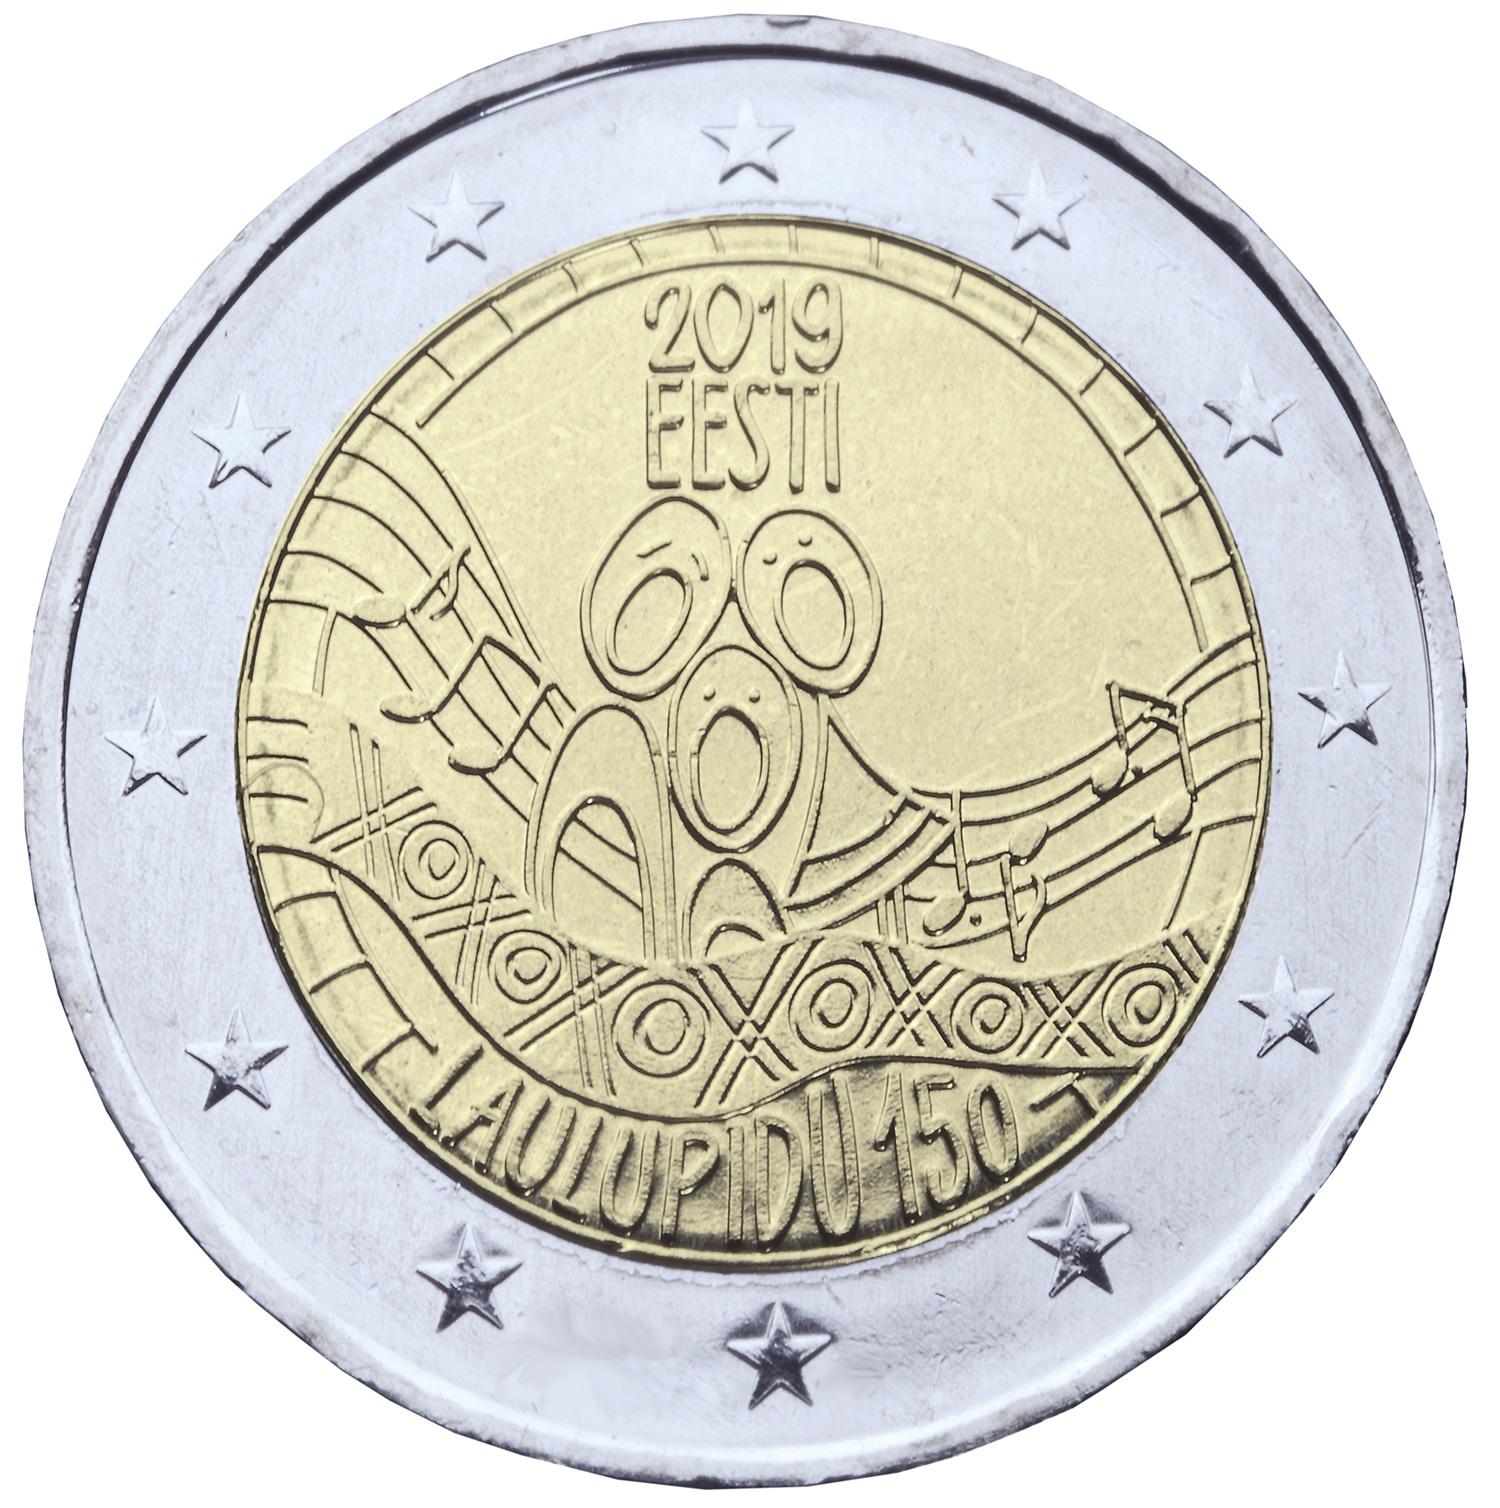 Laulupeo 150. aastapäevale pühendatud 2eurone käibemünt